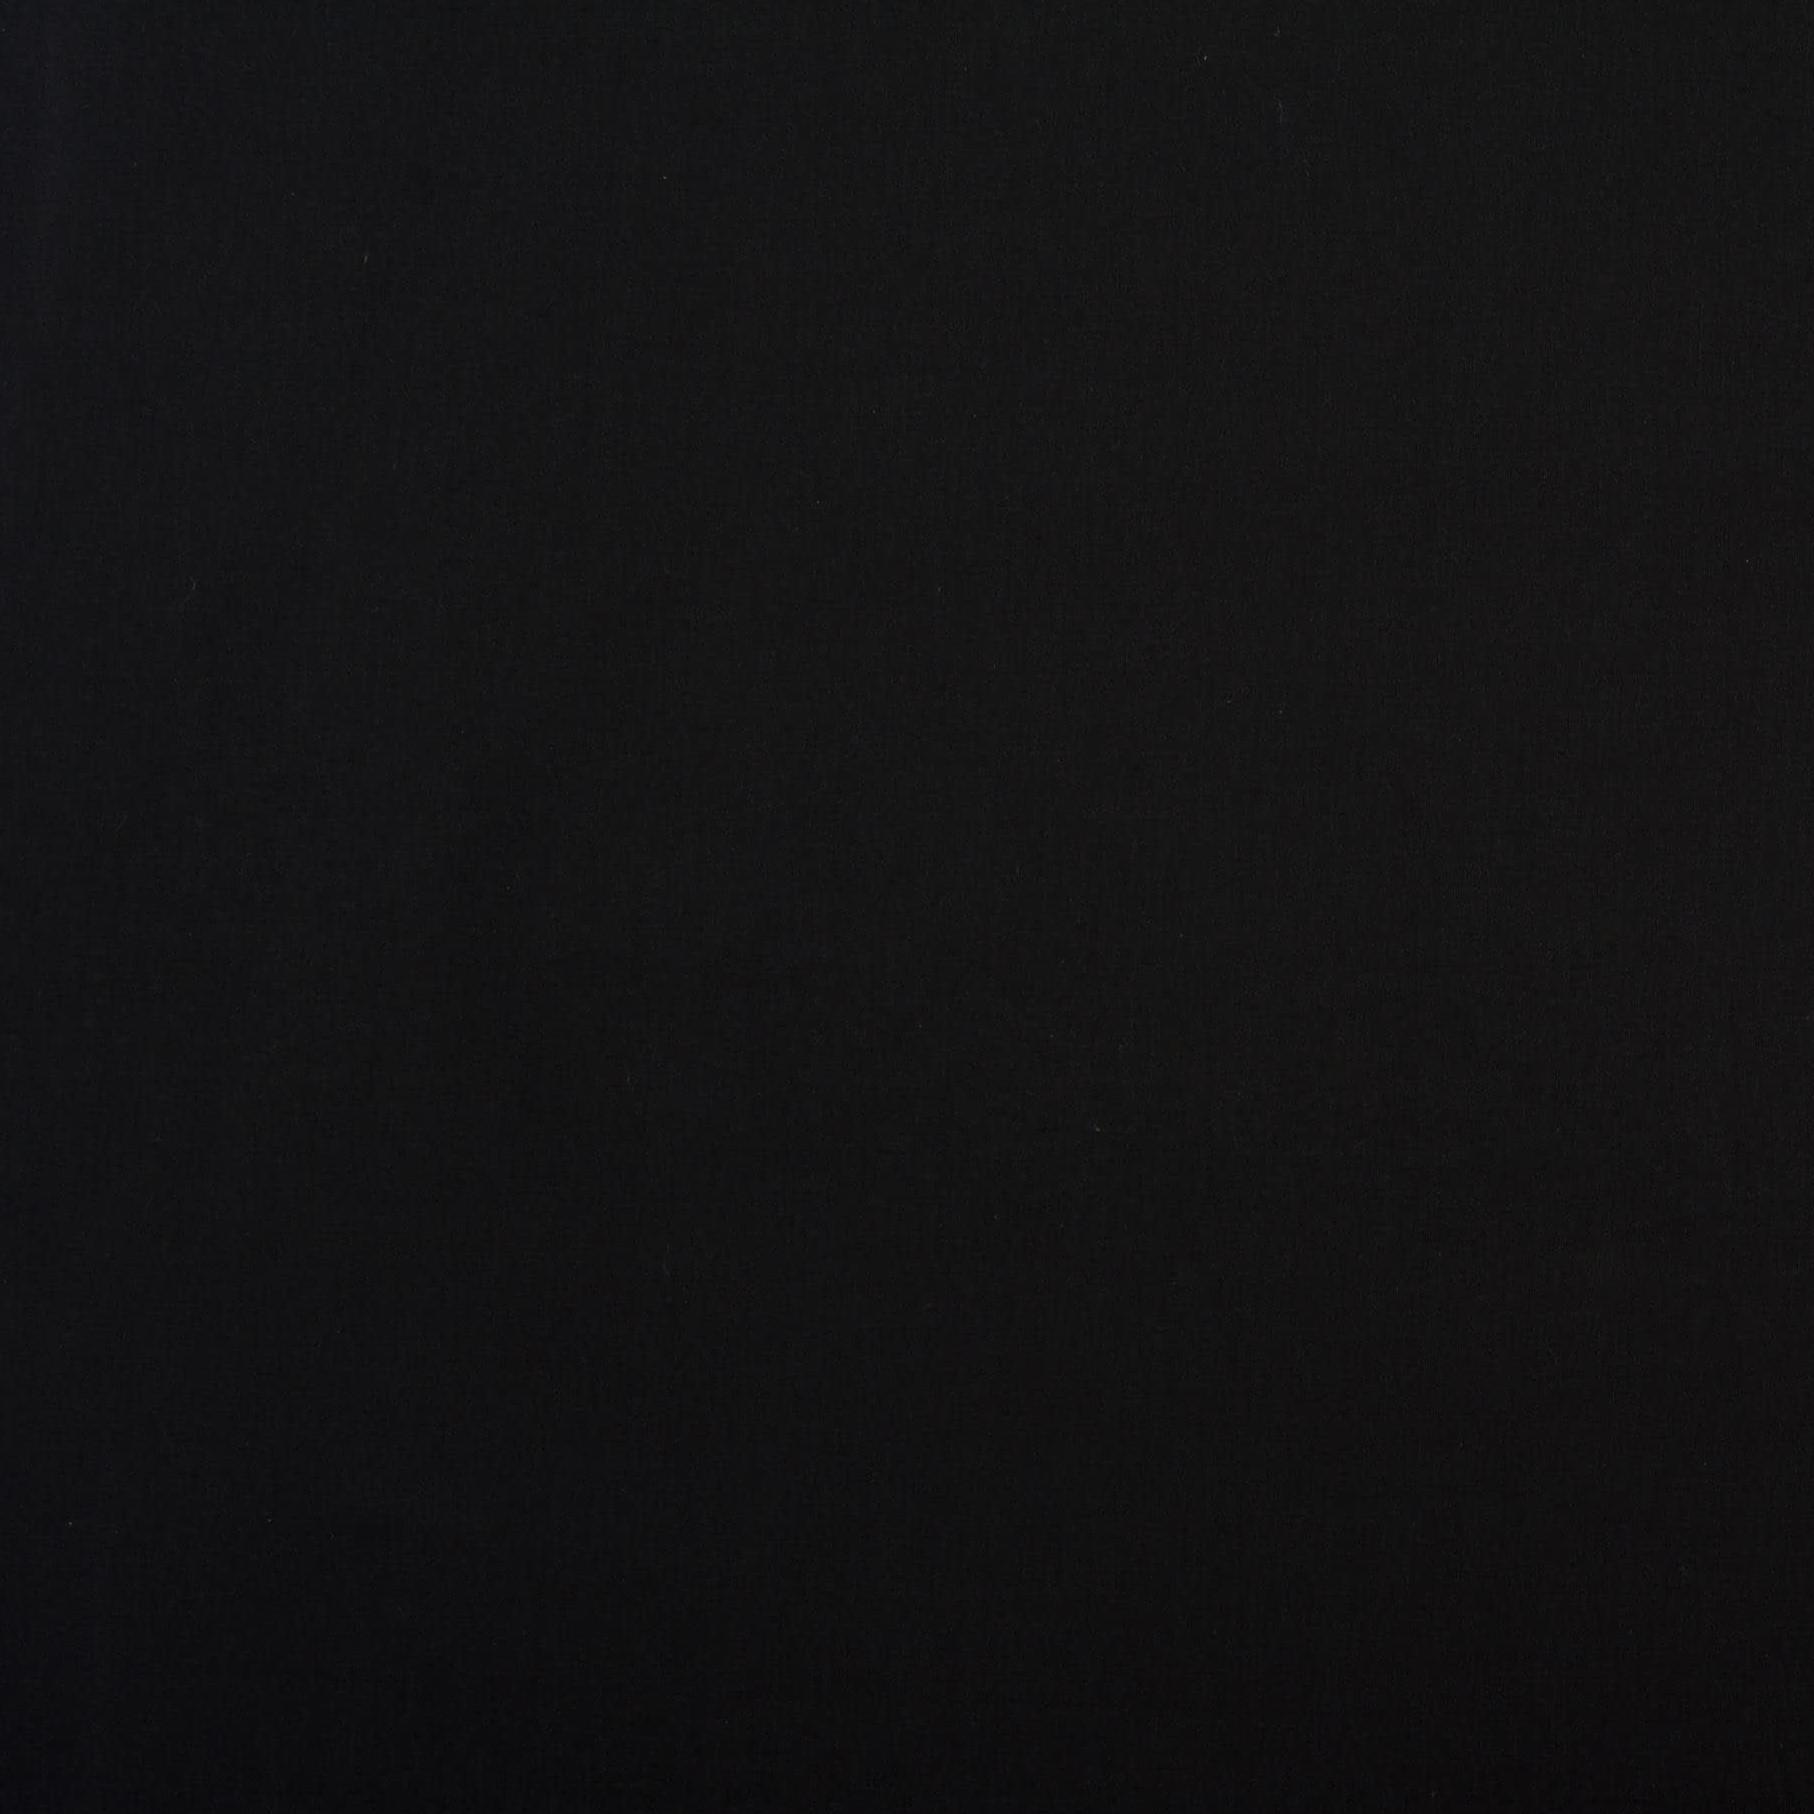 Батист черный, размер 50х70 см, хлопок 100%, плотность 74